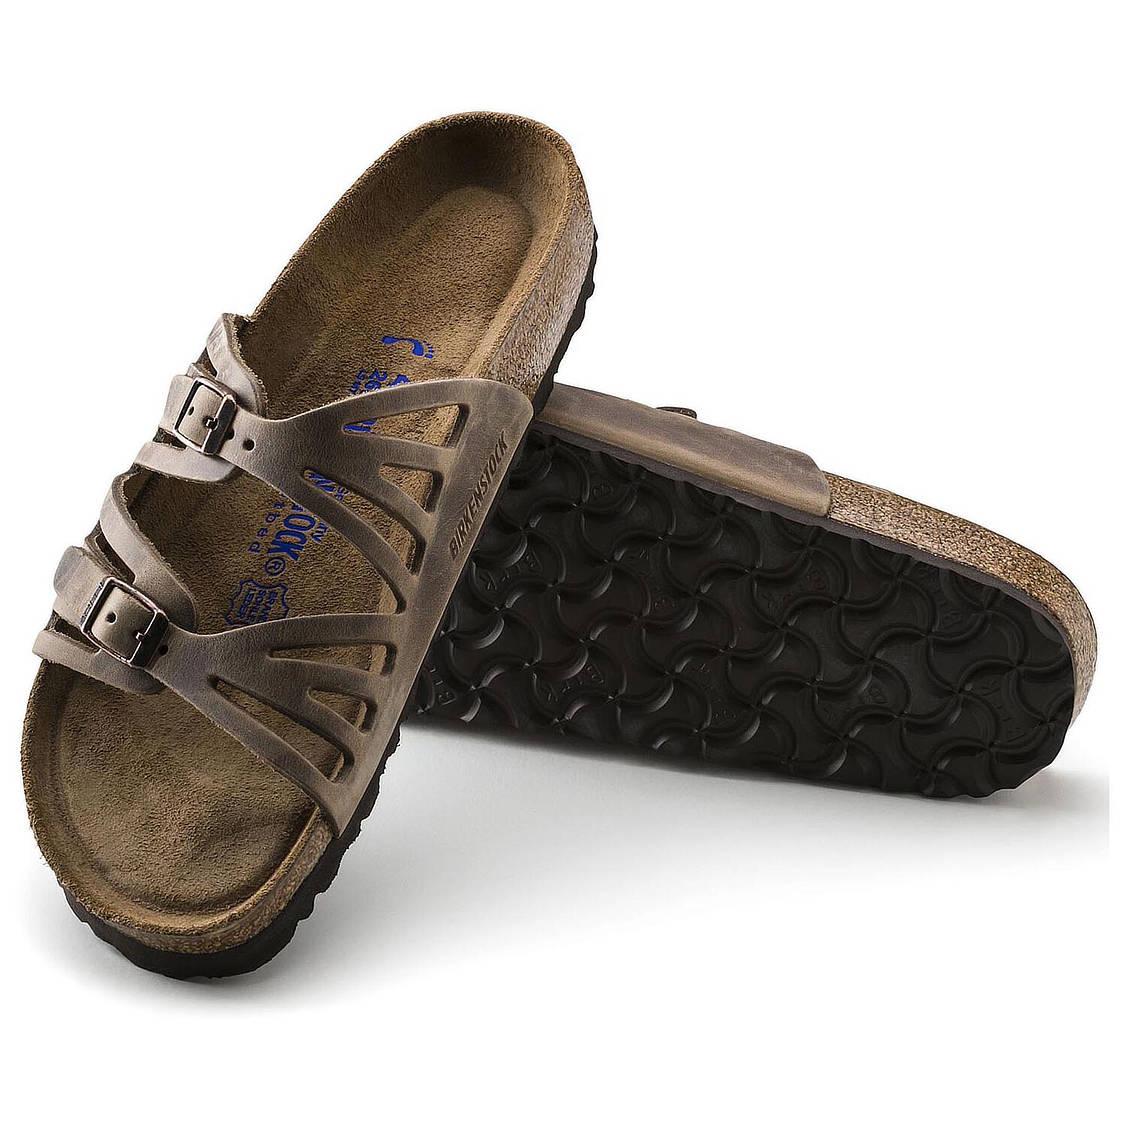 birkenstock-92881_92883_sole